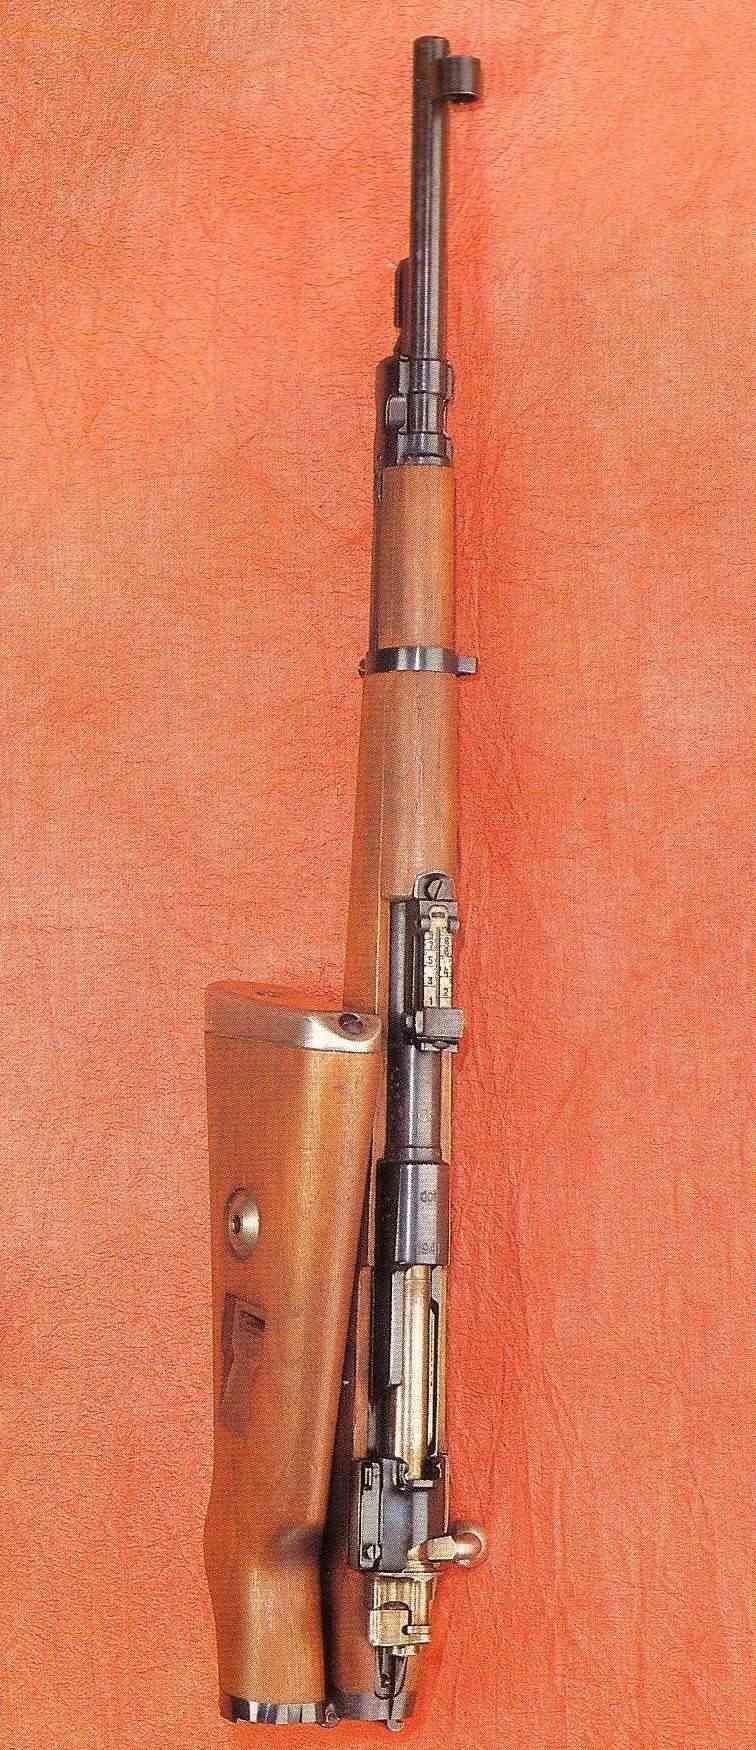 Karabiner 98k G3340c10